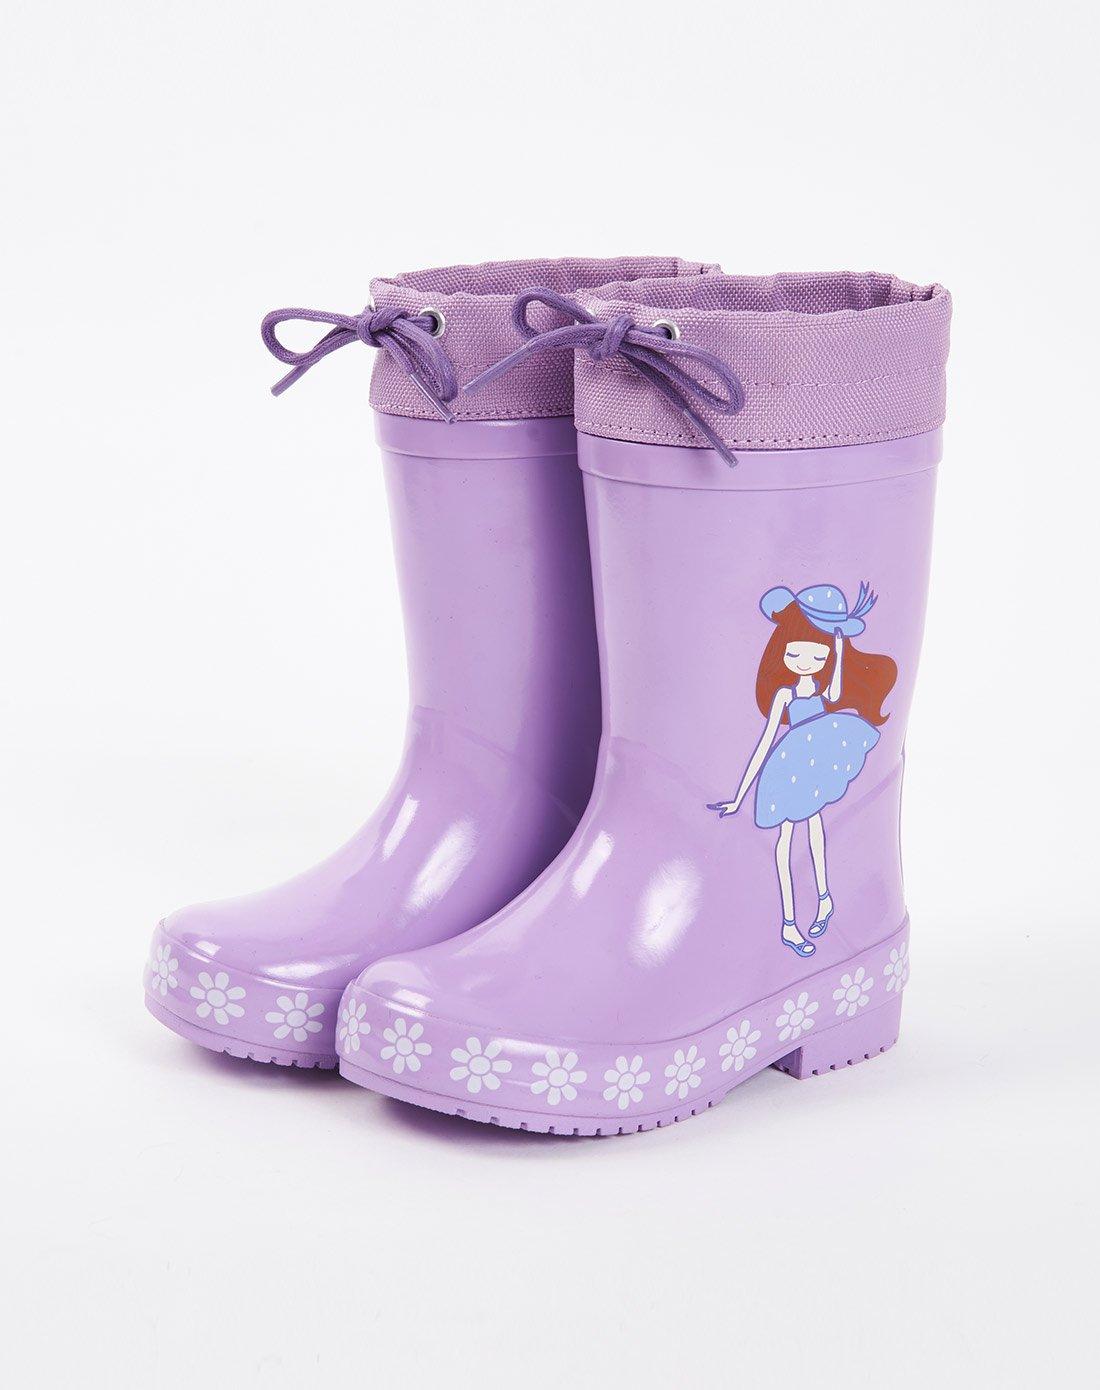 儿童穿雨靴踩泥图片